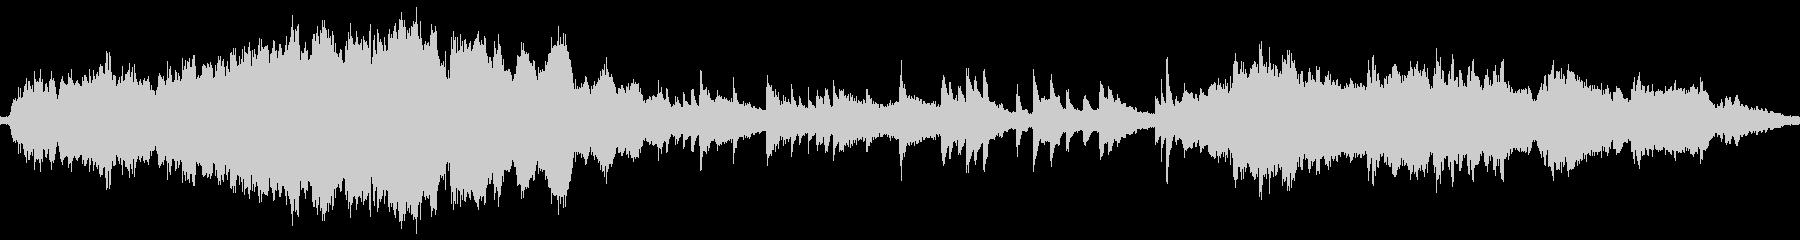 ループ版 ピアノとストリングスのバラードの未再生の波形